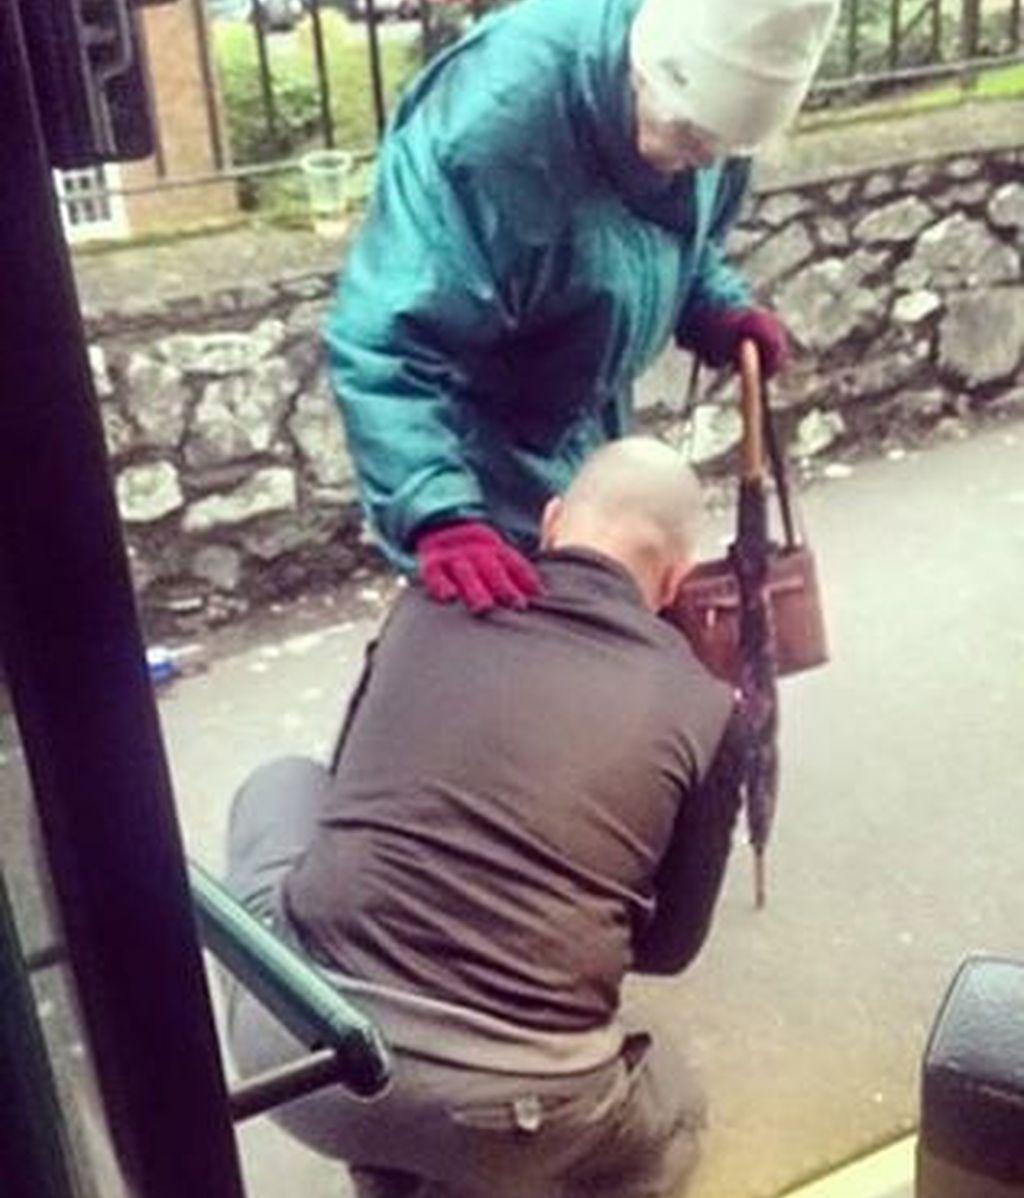 Un conductor de autobús ayuda a una anciana y se convierte en viral